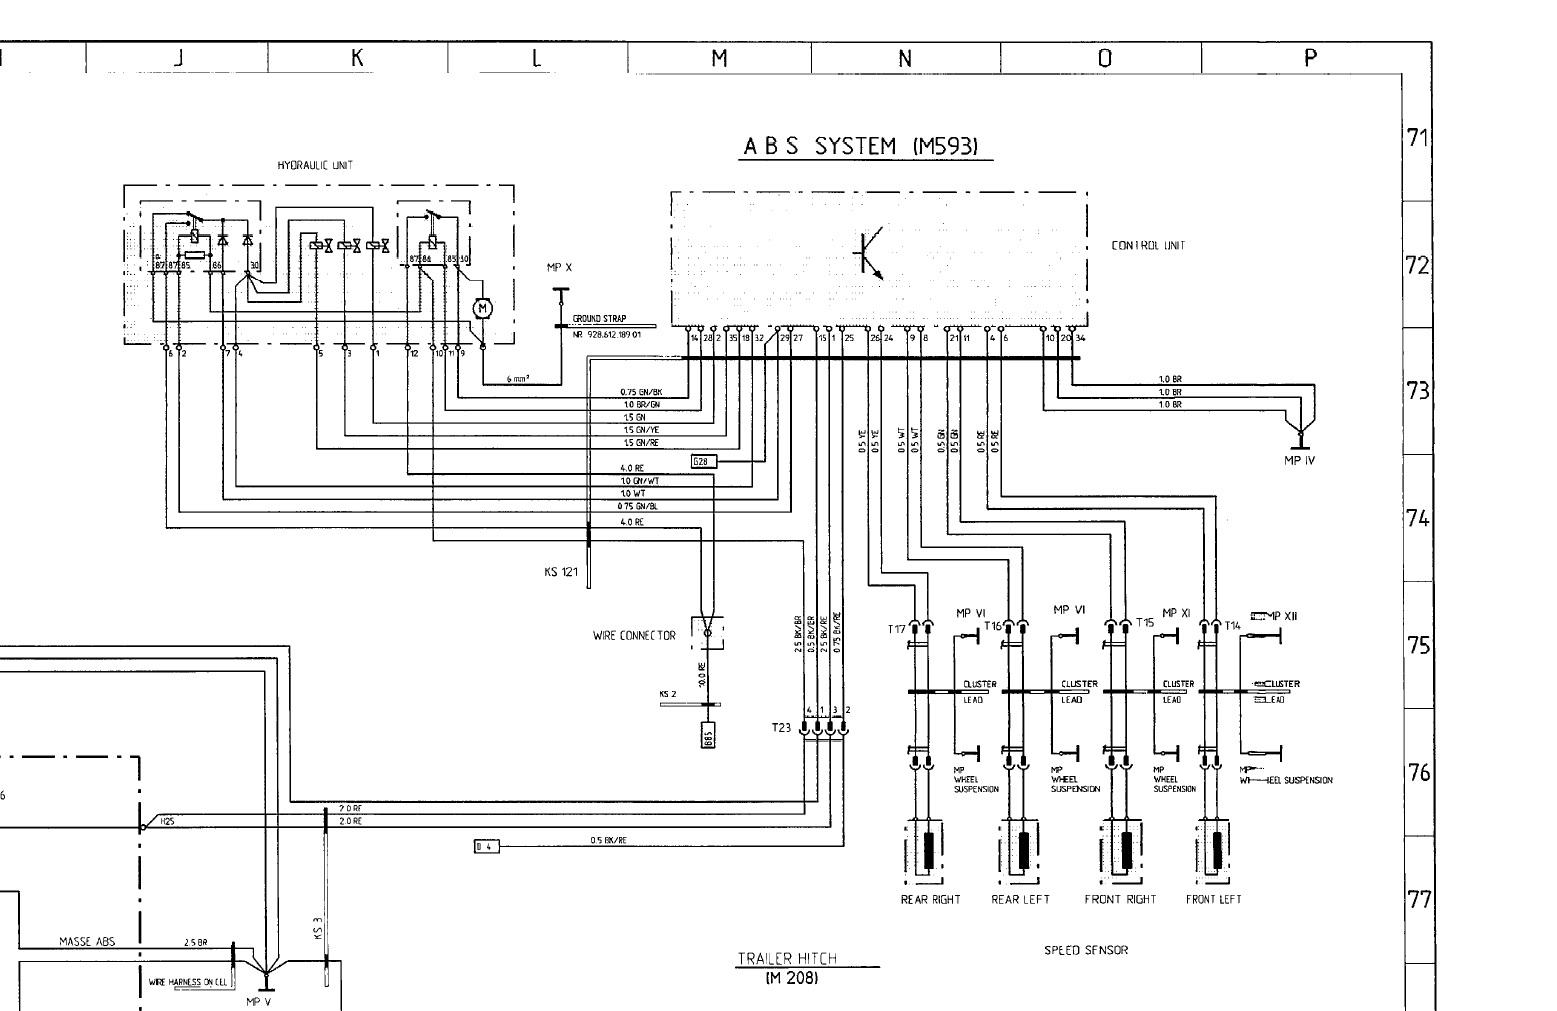 Interesting Porsche 944 Abs Wiring Diagram Ideas Best Image .